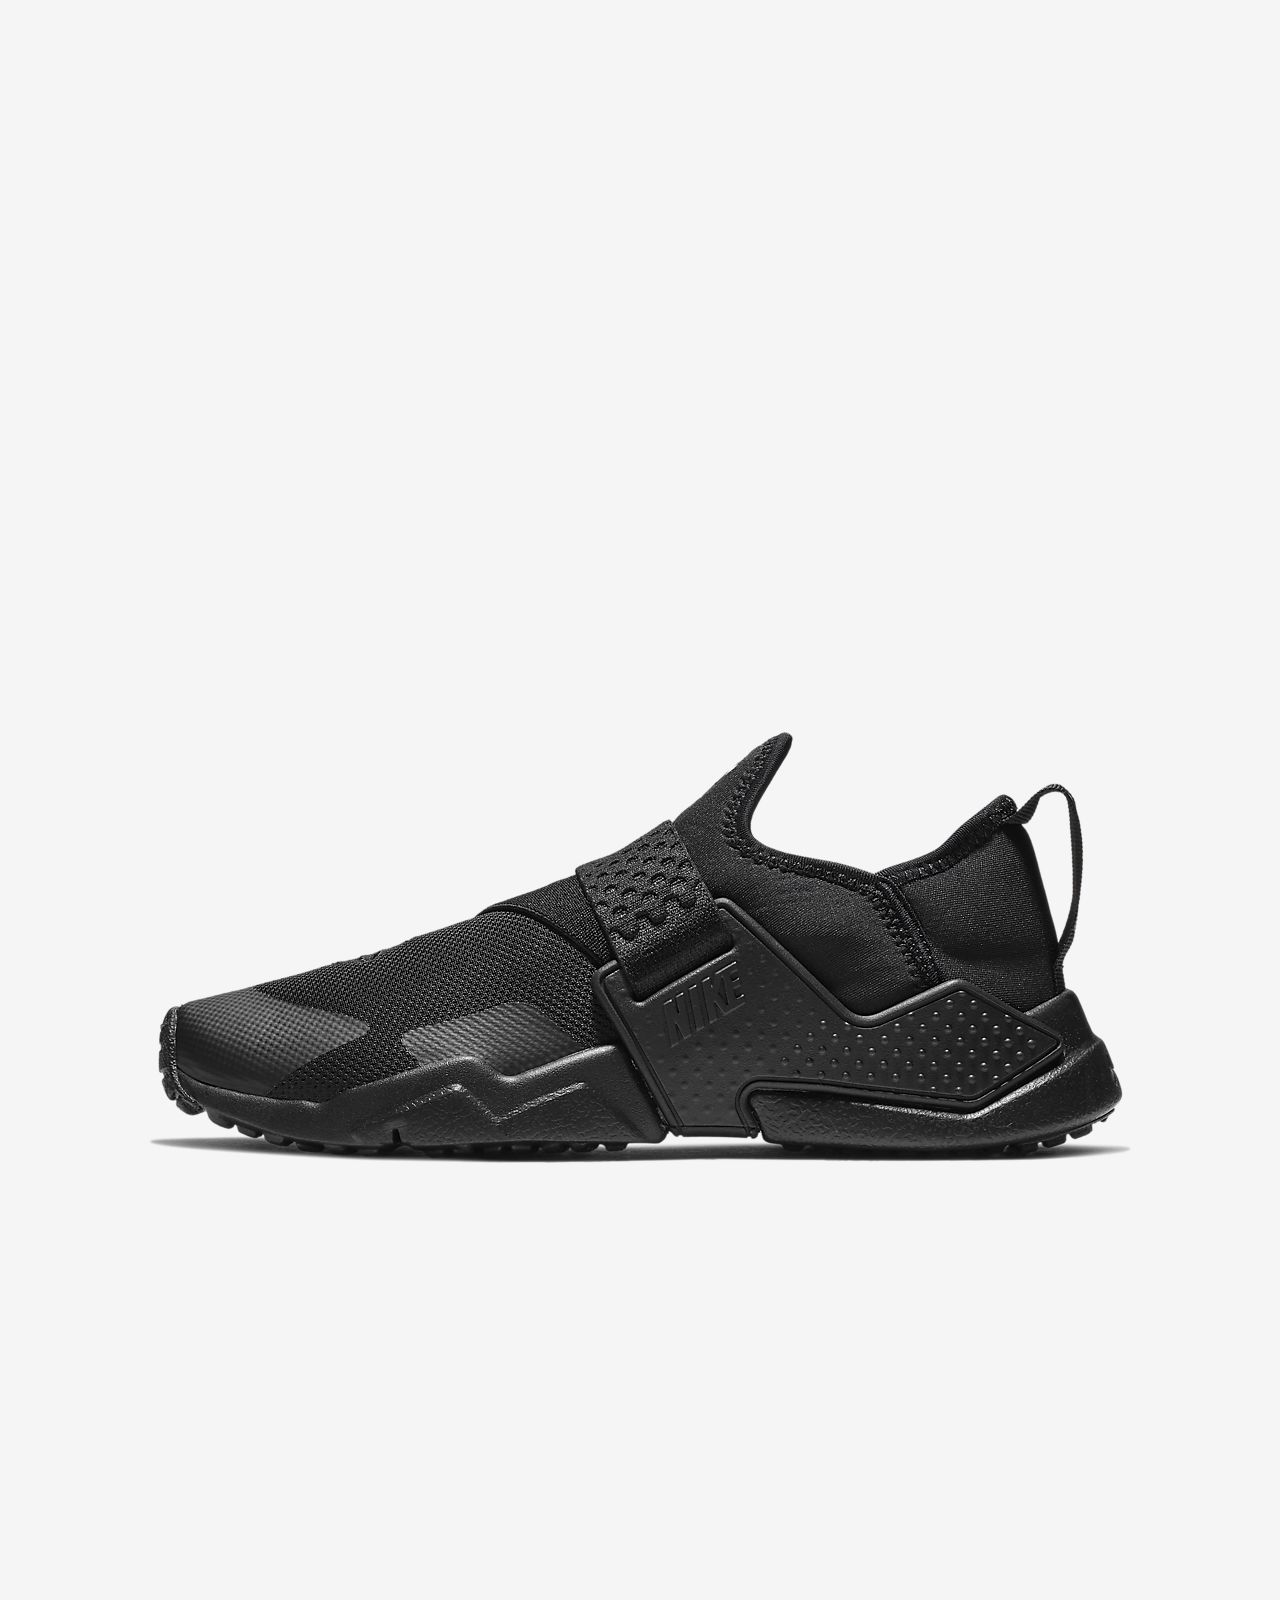 0869419589fc Nike Huarache Extreme Big Kids  Shoe. Nike.com